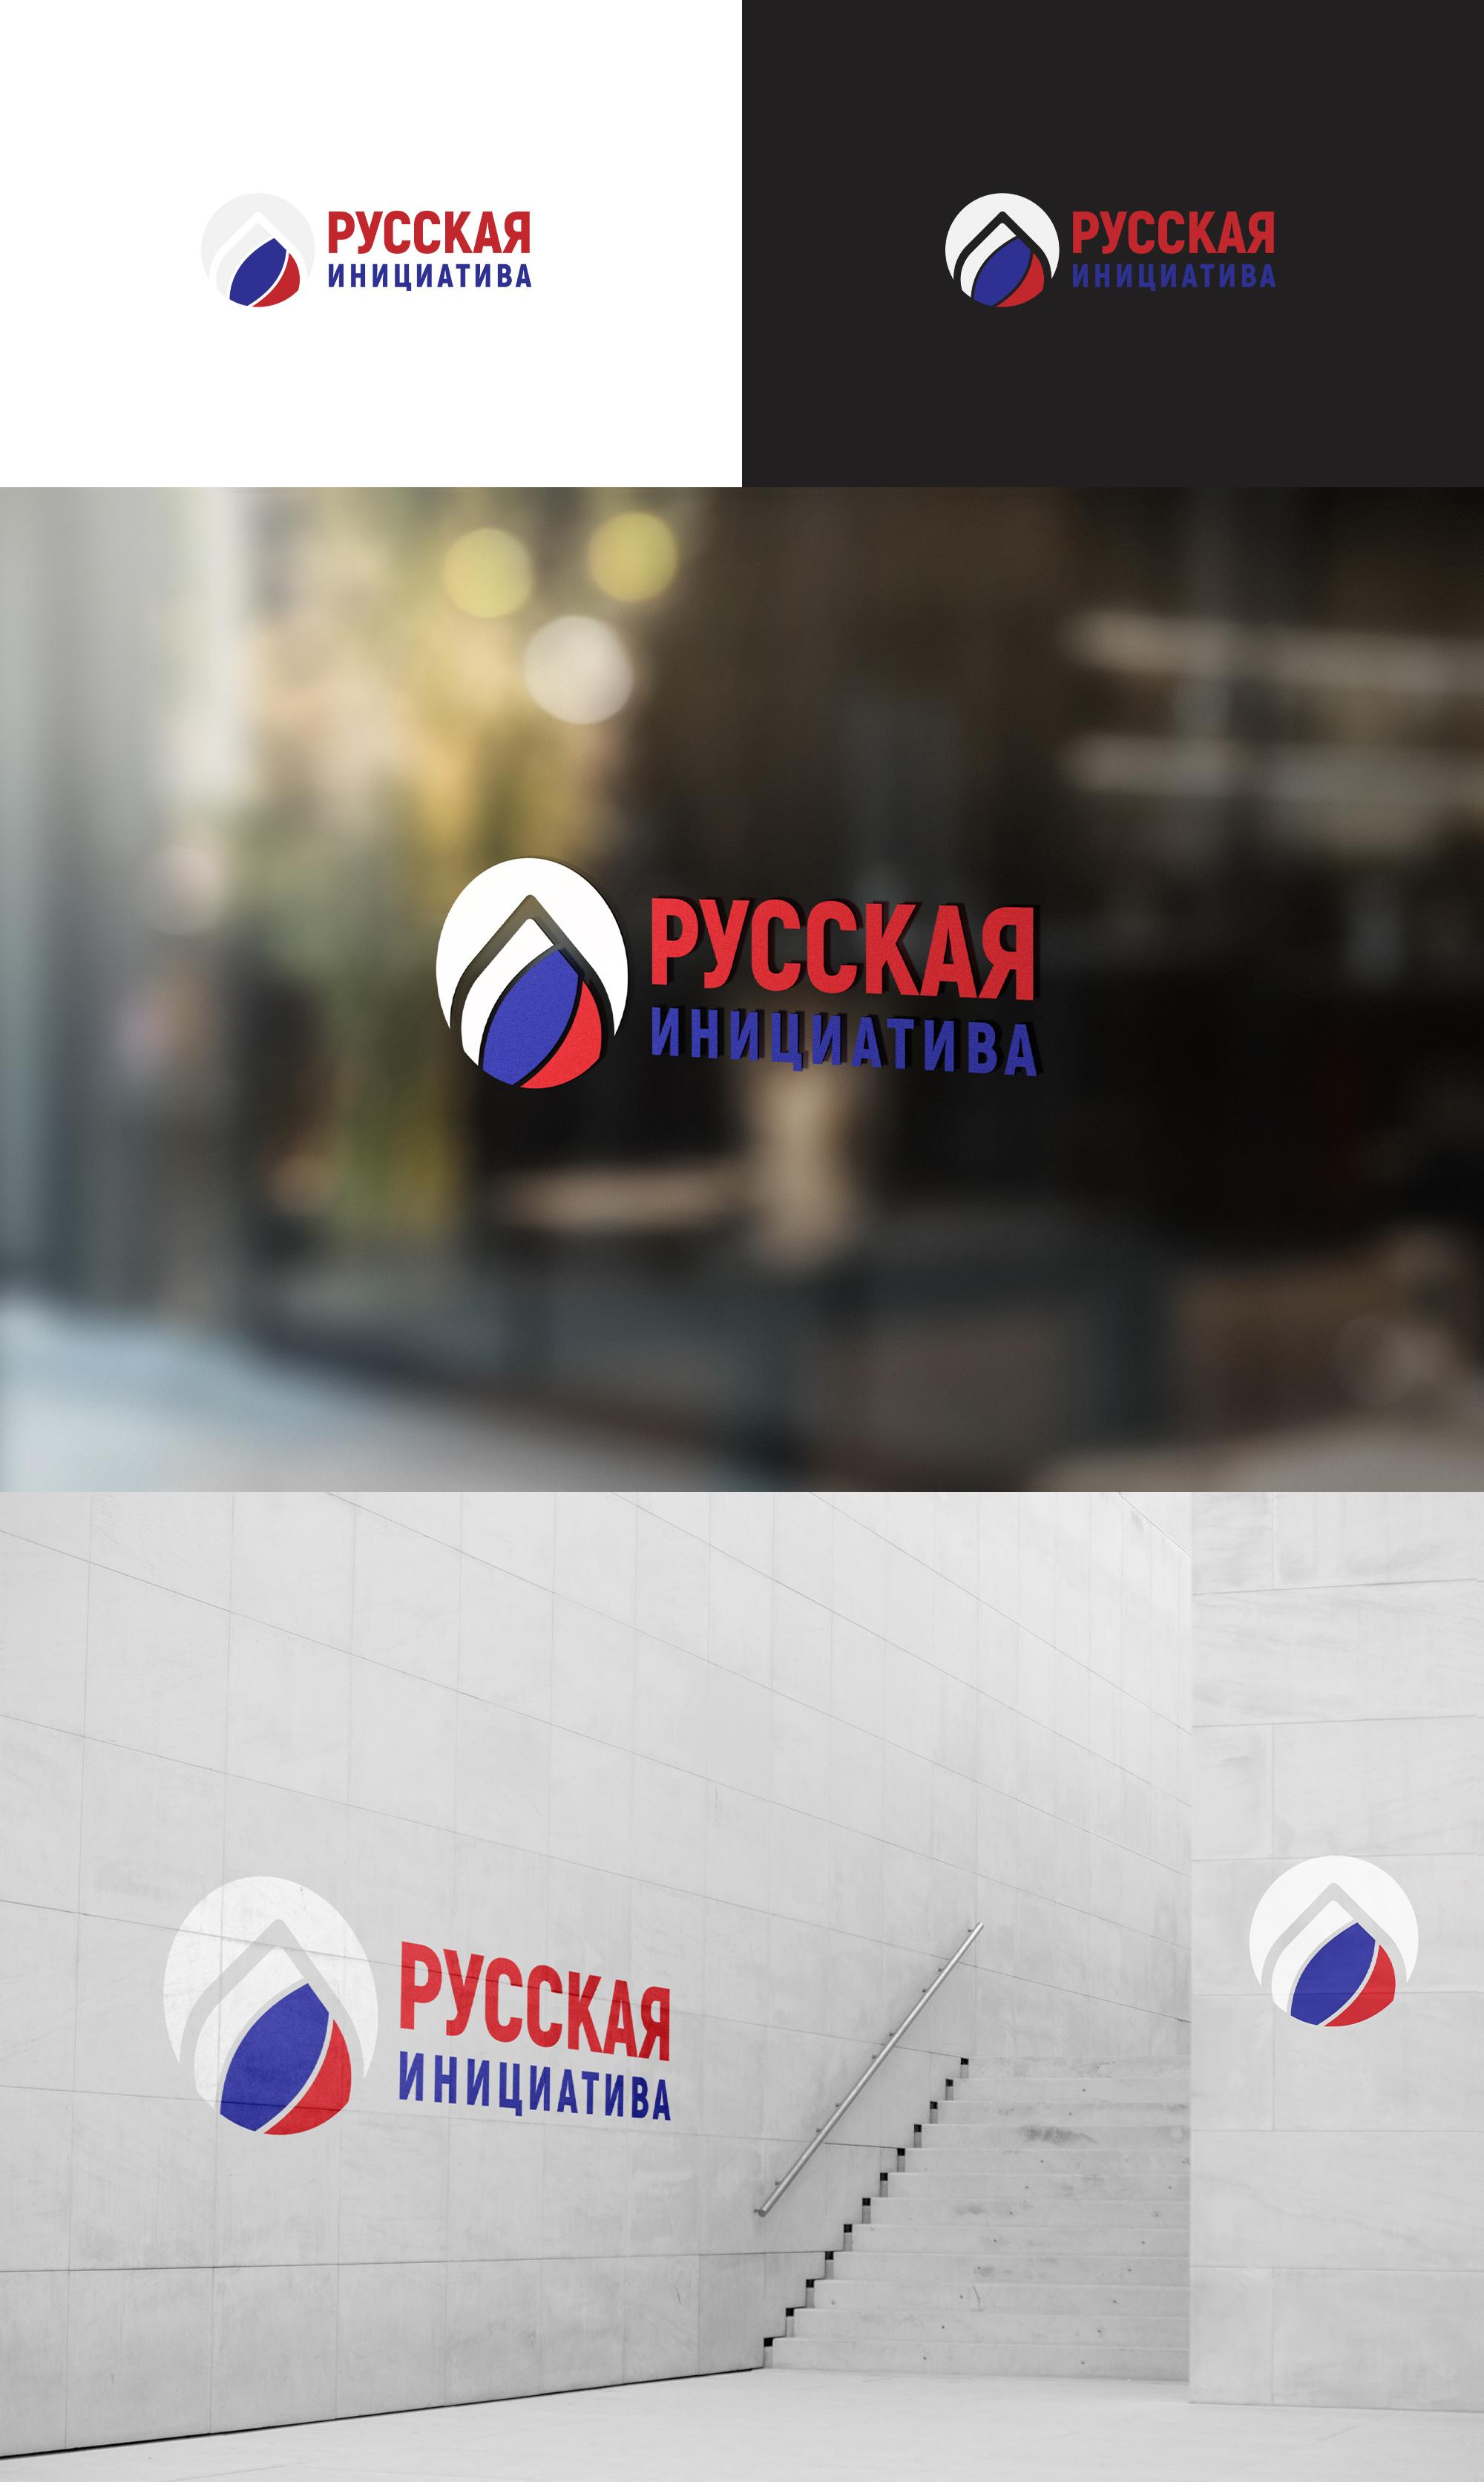 Разработать логотип для организации фото f_3025ec136c83881c.jpg